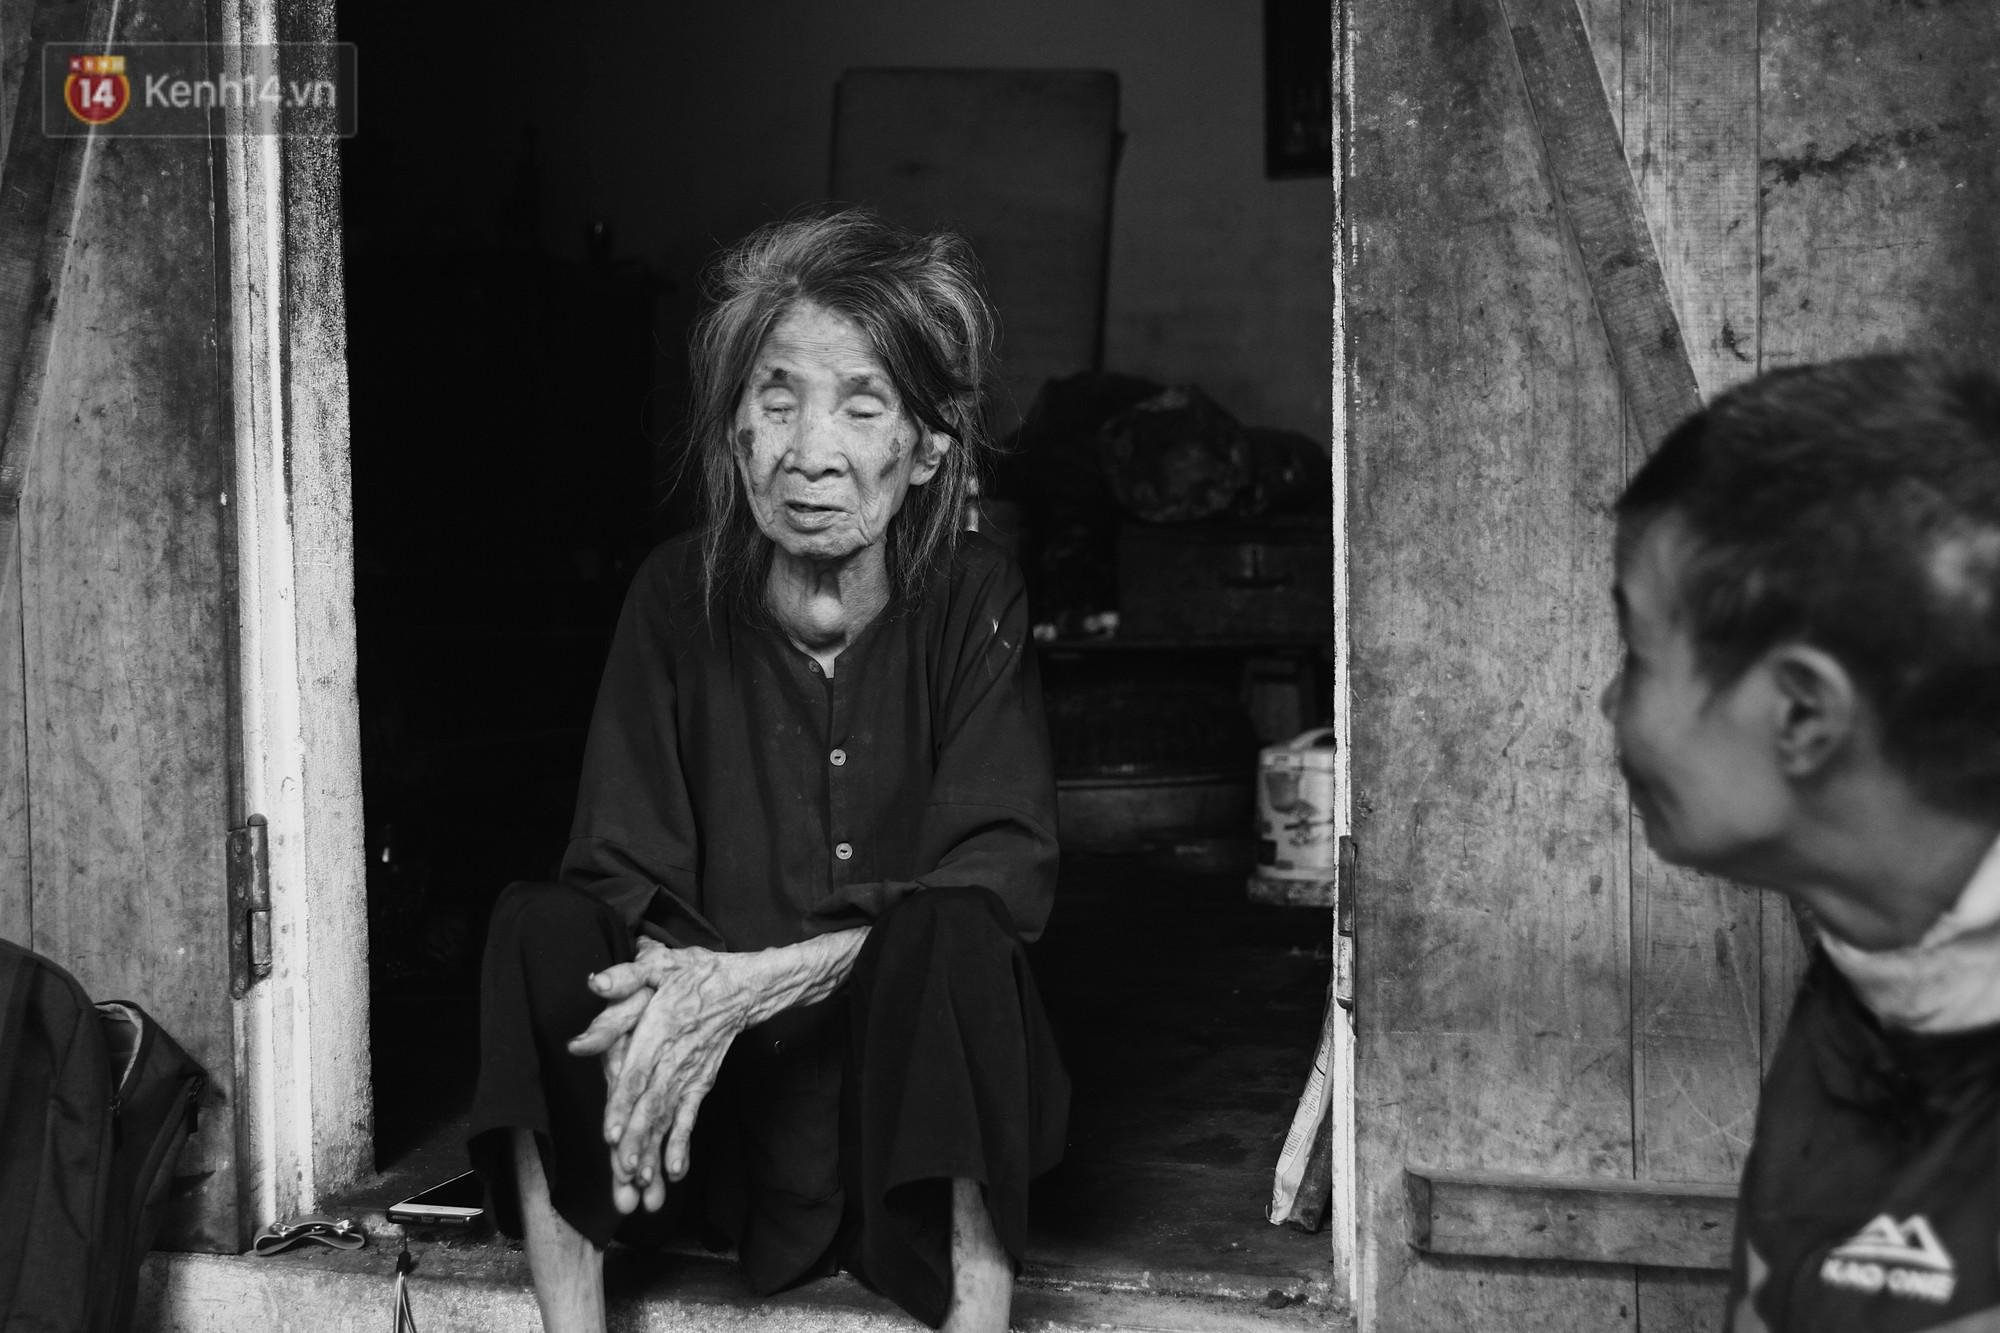 Ở Hà Nội, có một người mẹ mù gần 90 tuổi vẫn ngày đêm chăm đứa con gái điên: Còn sống được lúc nào, thì tôi còn nuôi nó - Ảnh 10.